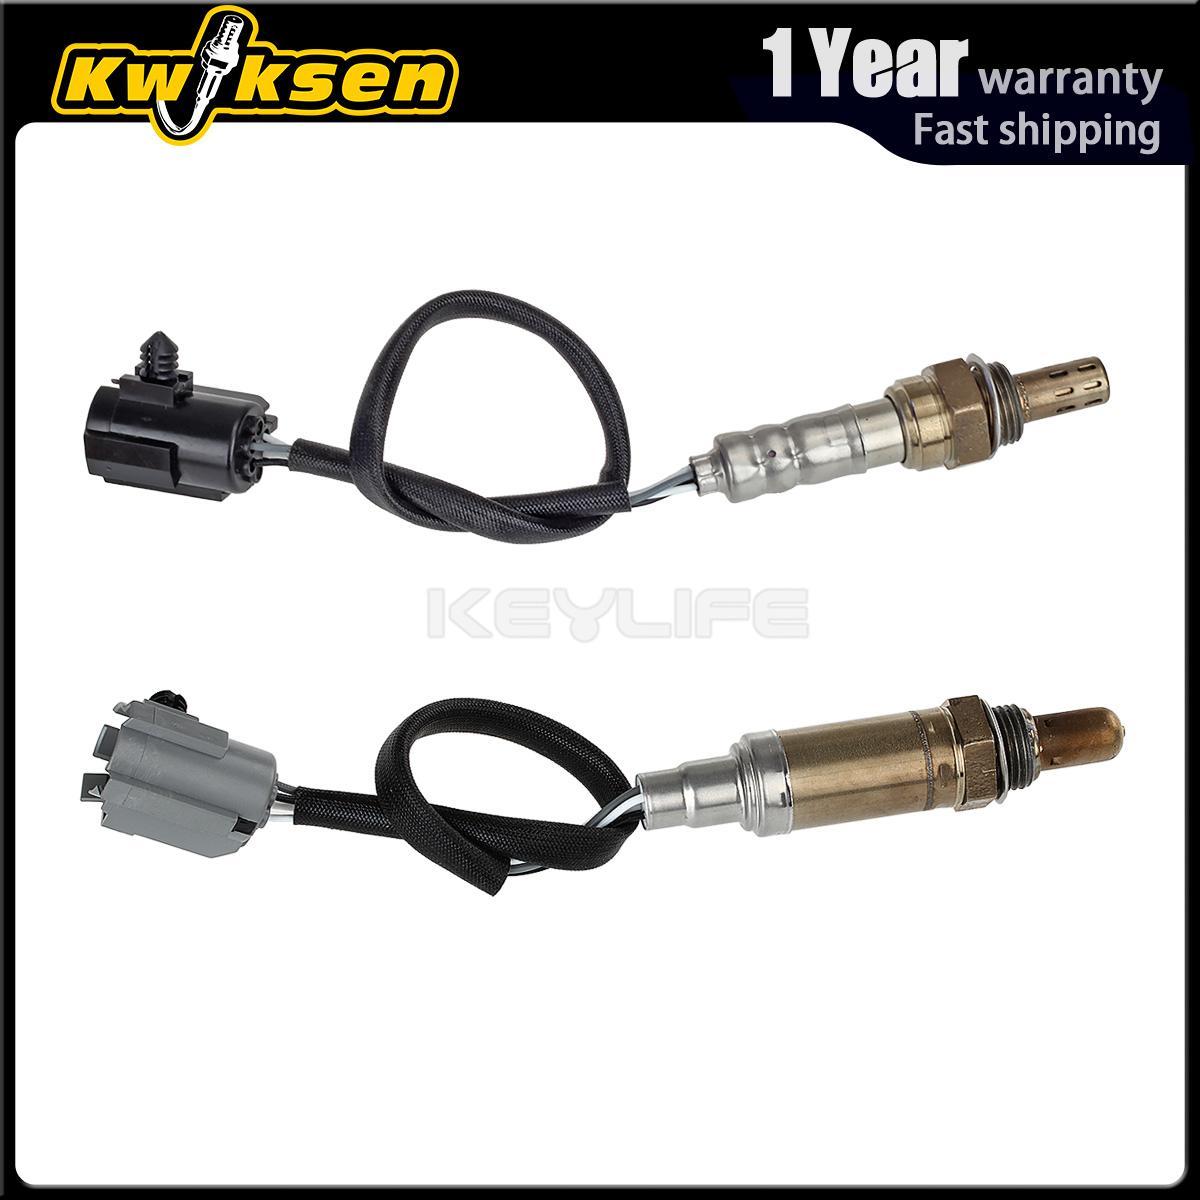 Downstream For 2001 2002 Chrysler PT Cruiser 2.4L O2 Oxygen Sensor 2 234-4008